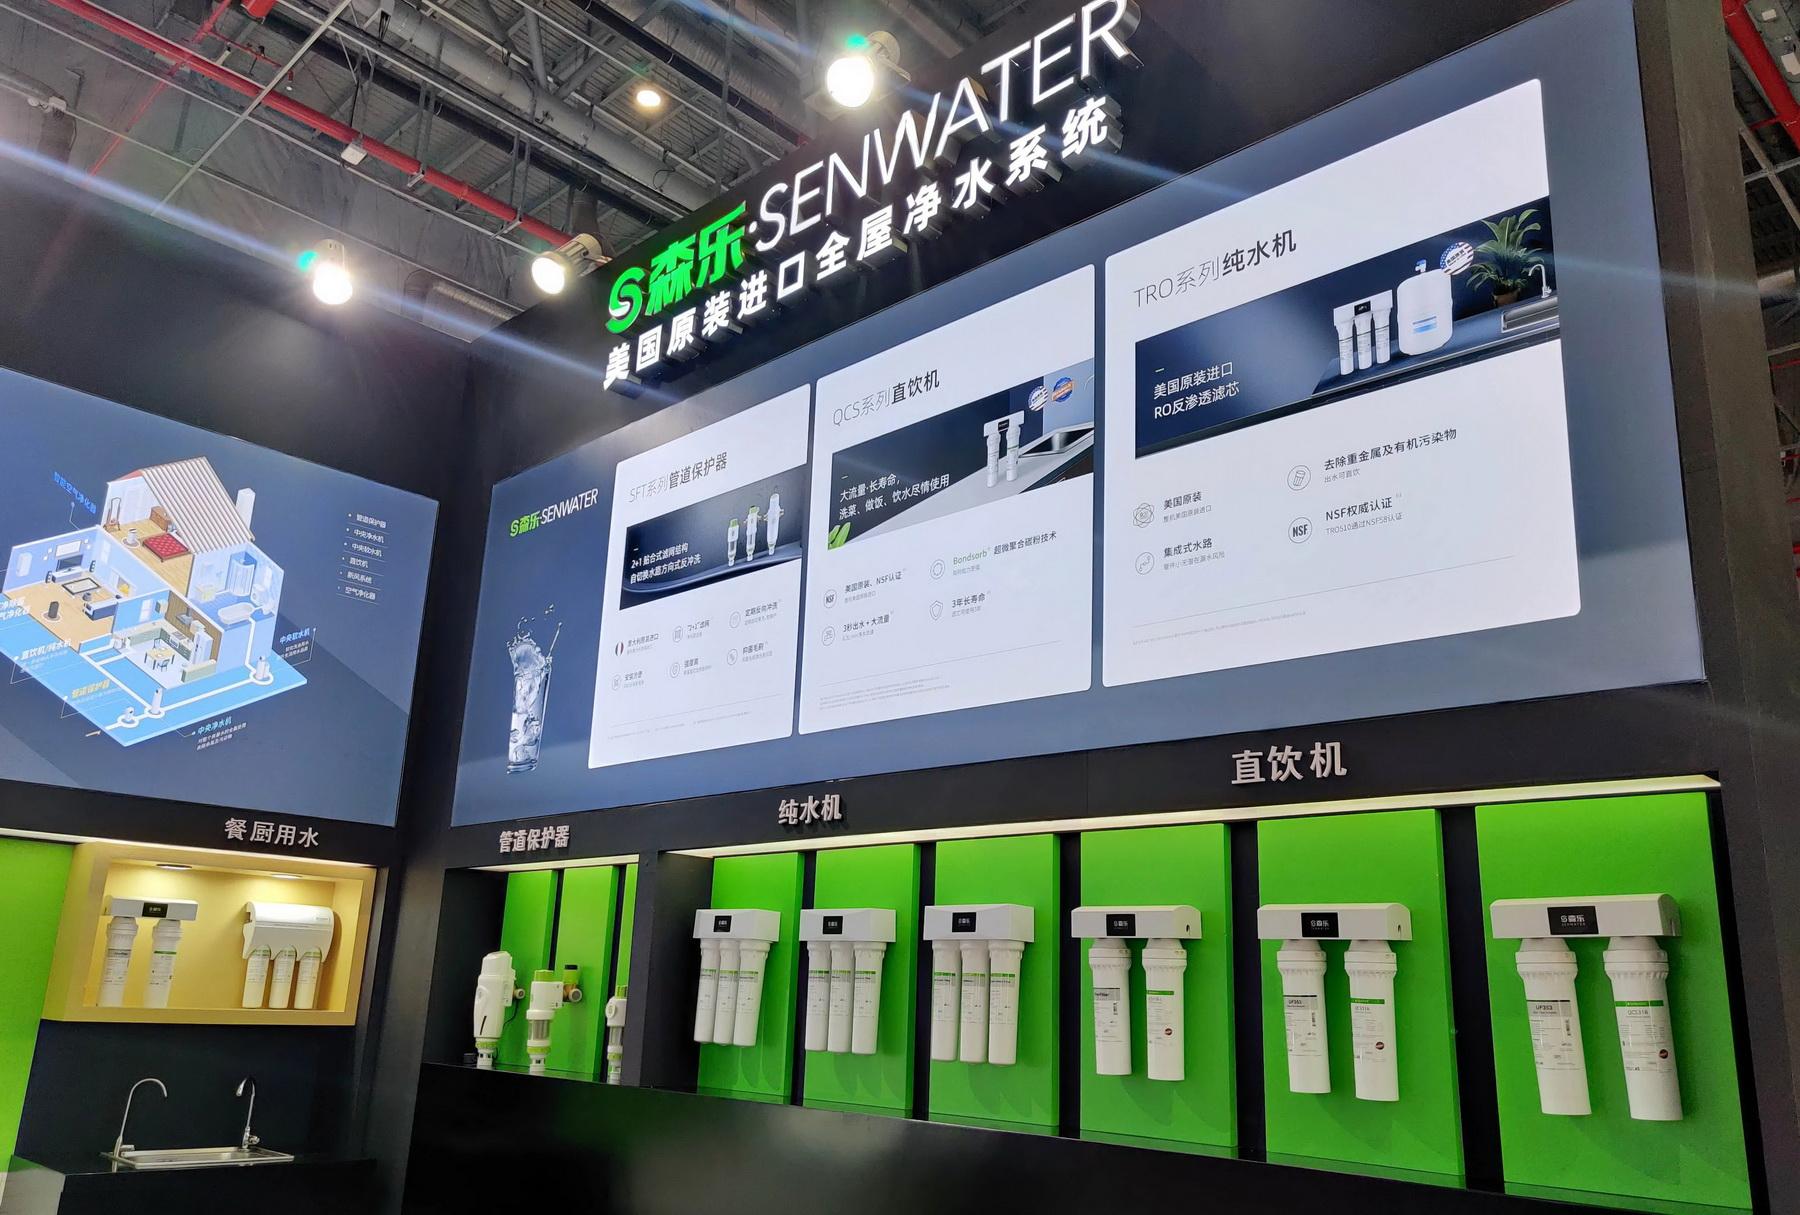 ▲森乐展台及全系列原装进口净水产品实景全角度剖析